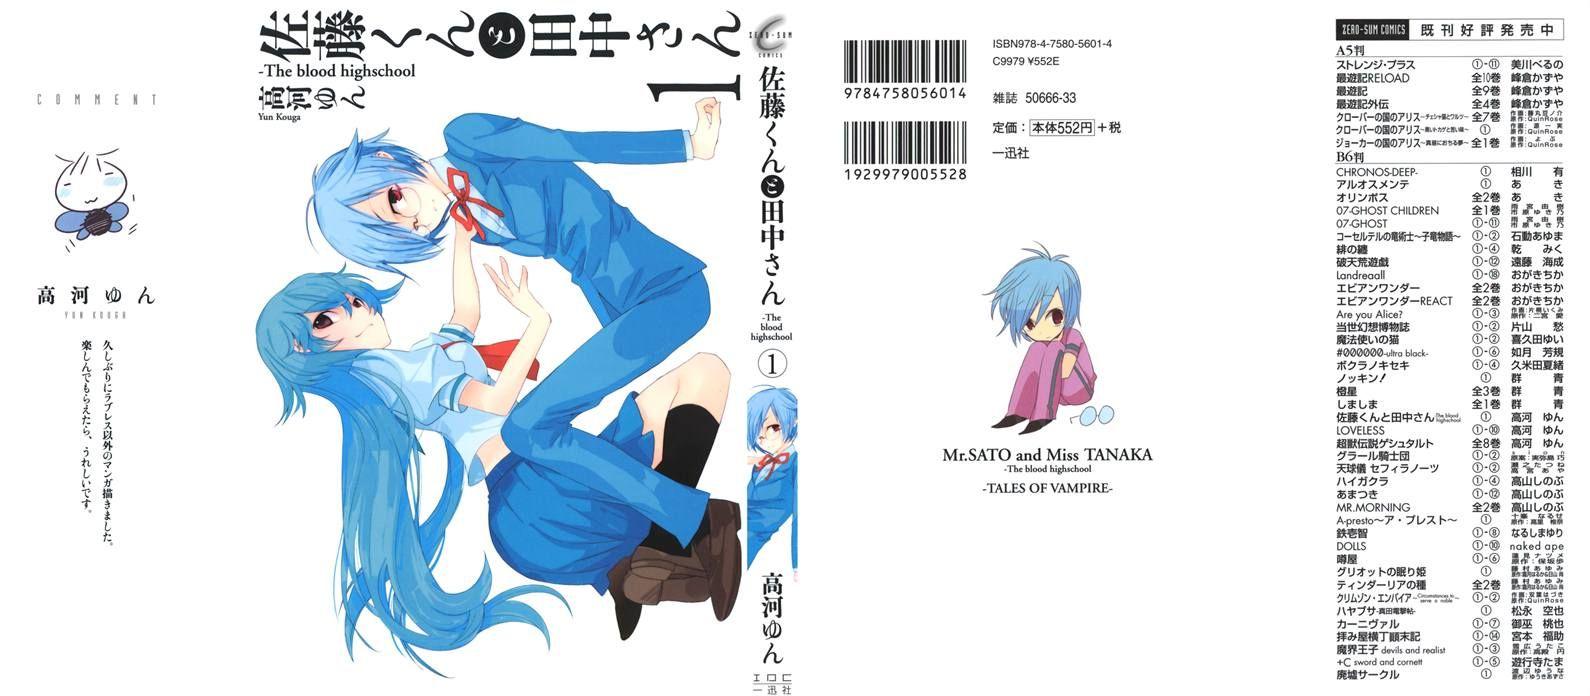 Satou-kun to Tanaka-san - The Blood Highschool 11 Page 1